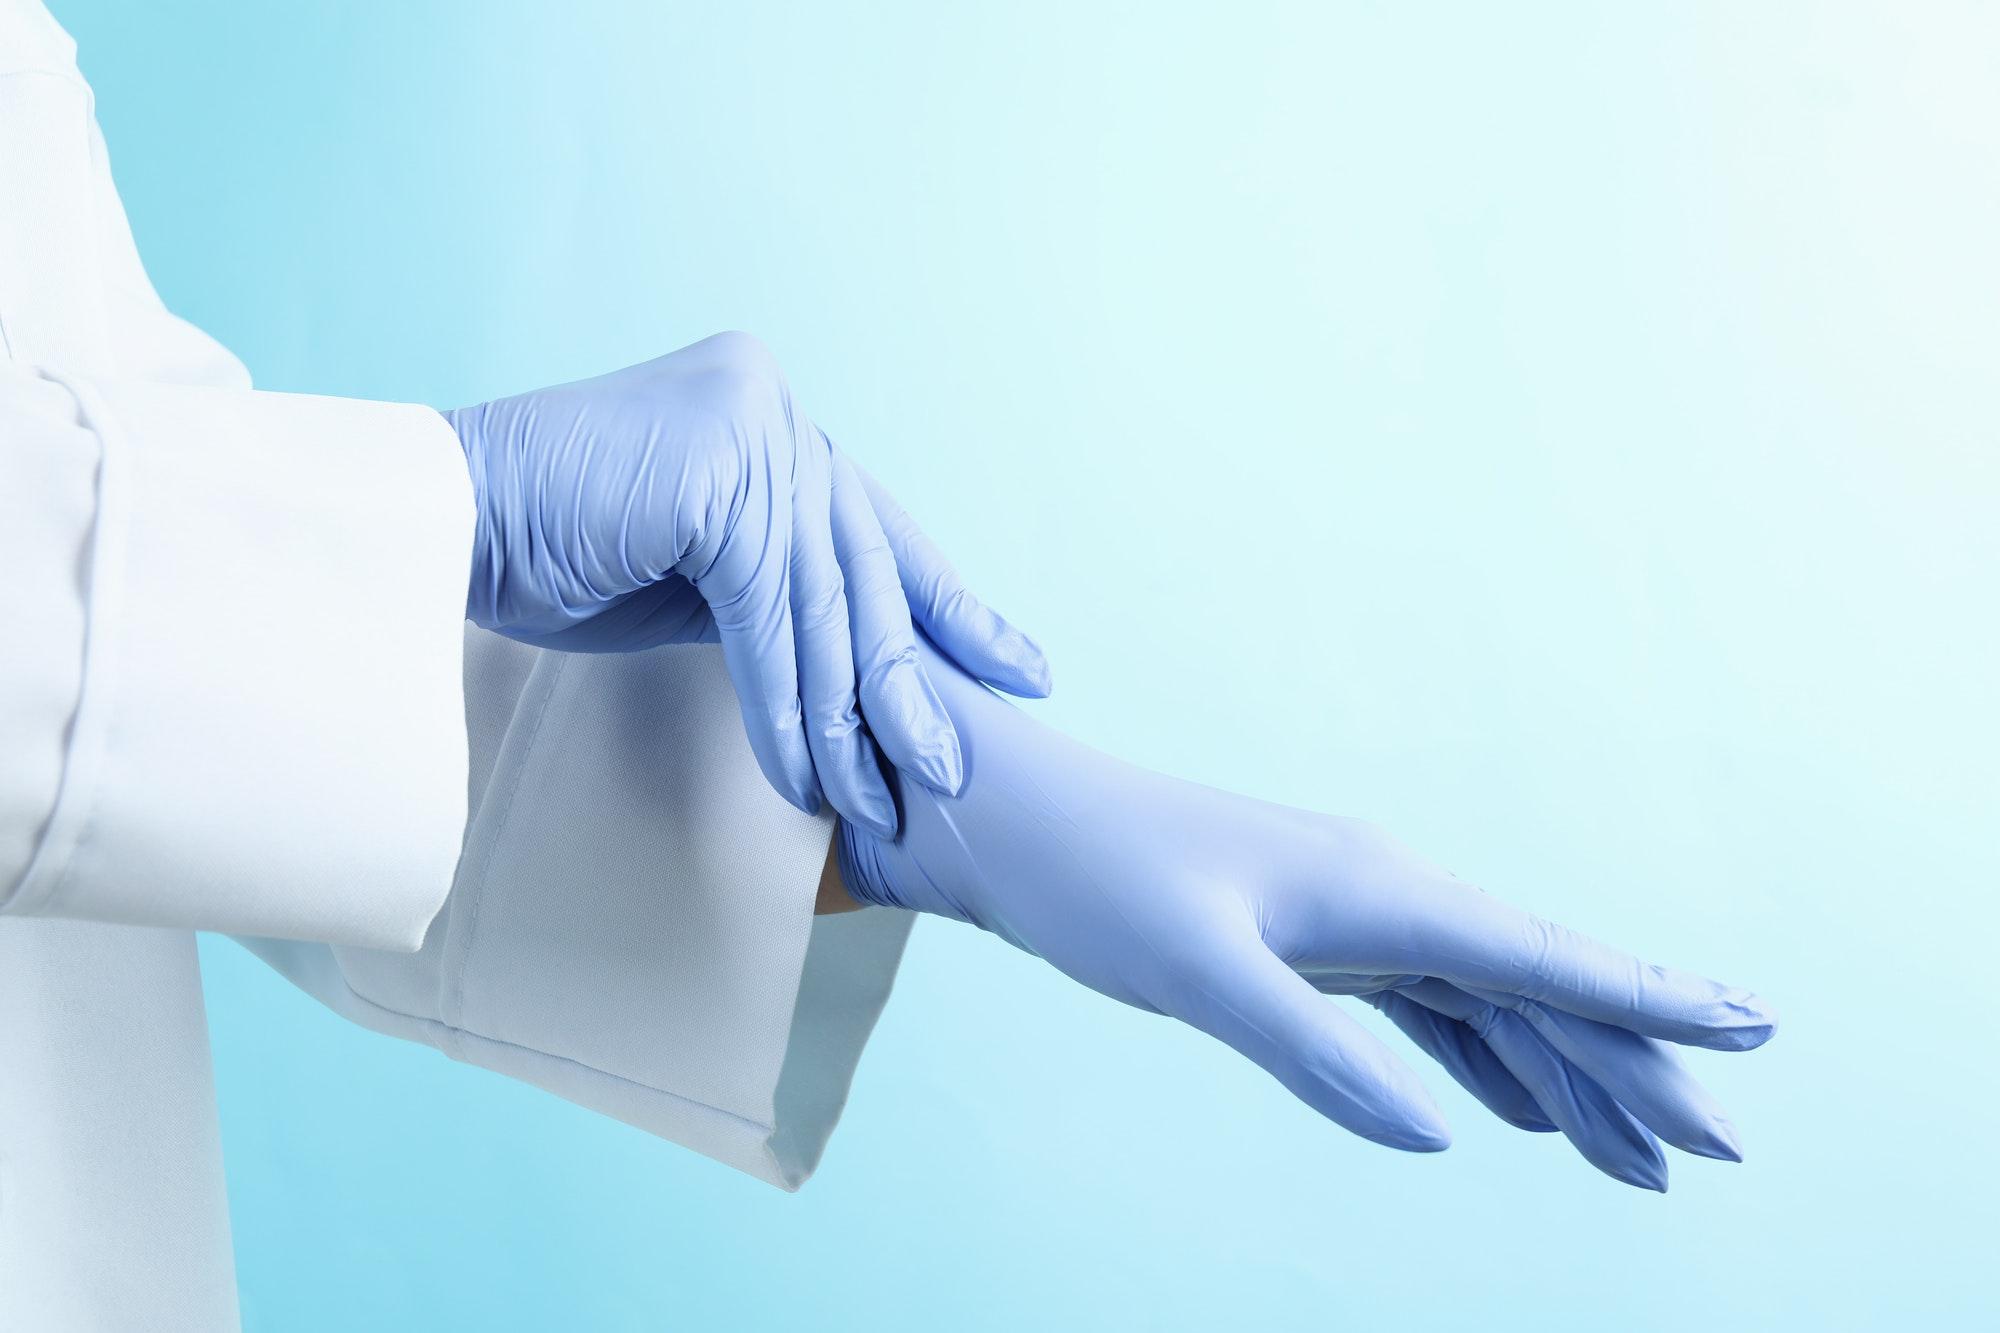 Doctor putting medical gloves on blue background